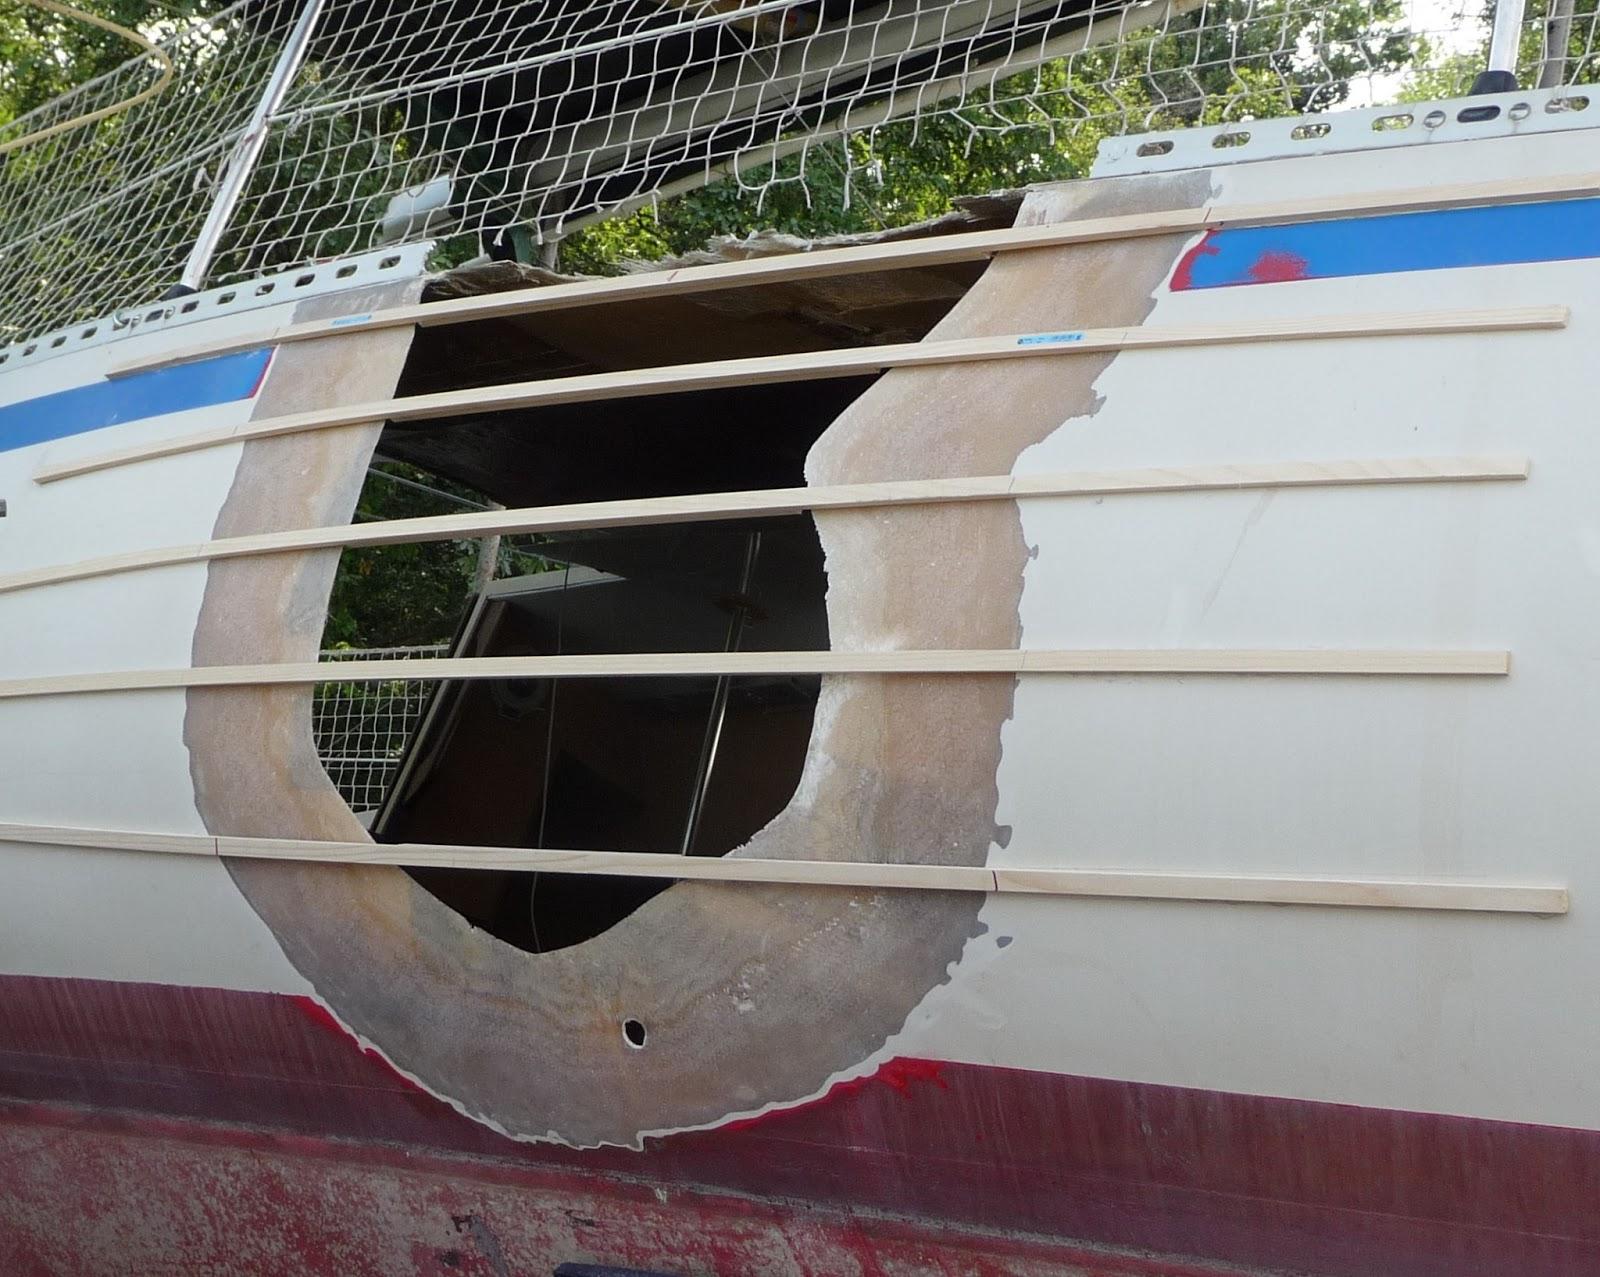 R paration du trou kiss autour de l 39 atlantique - Reparation fibre de verre ...